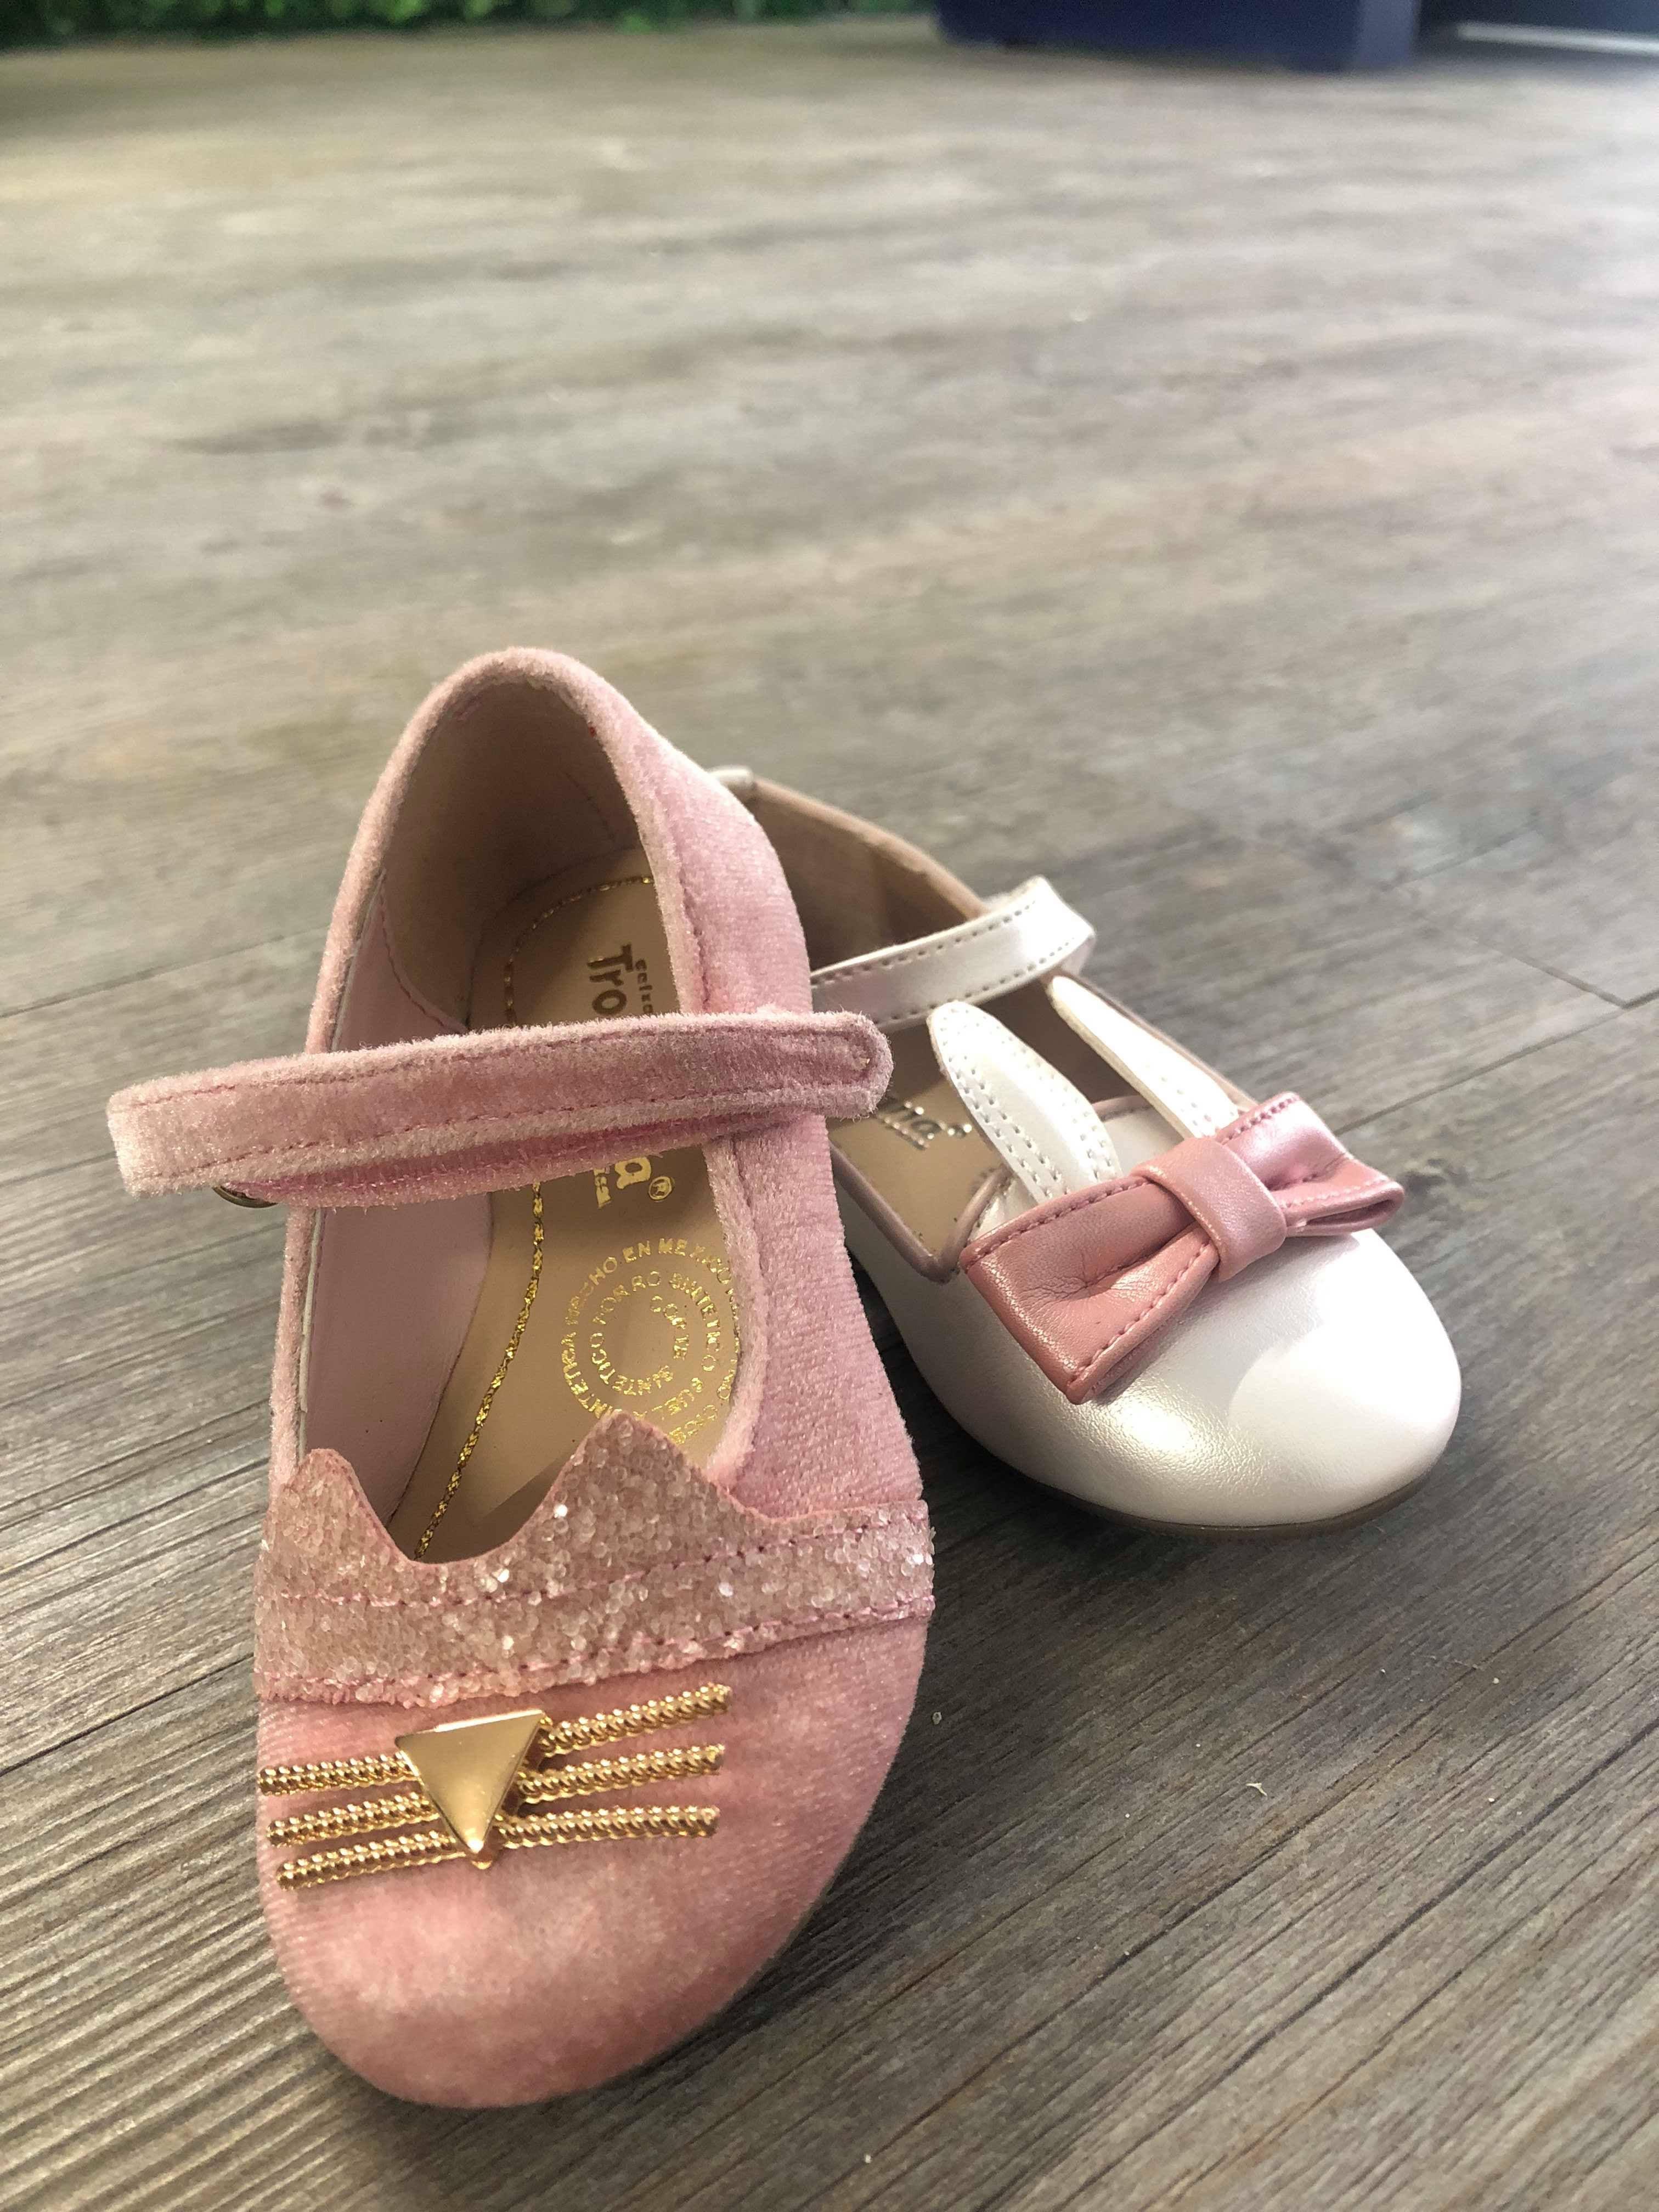 En  Calzado  Tropicana encuentra  zapatos llenos de  moda para las  niñas e48f2723d661